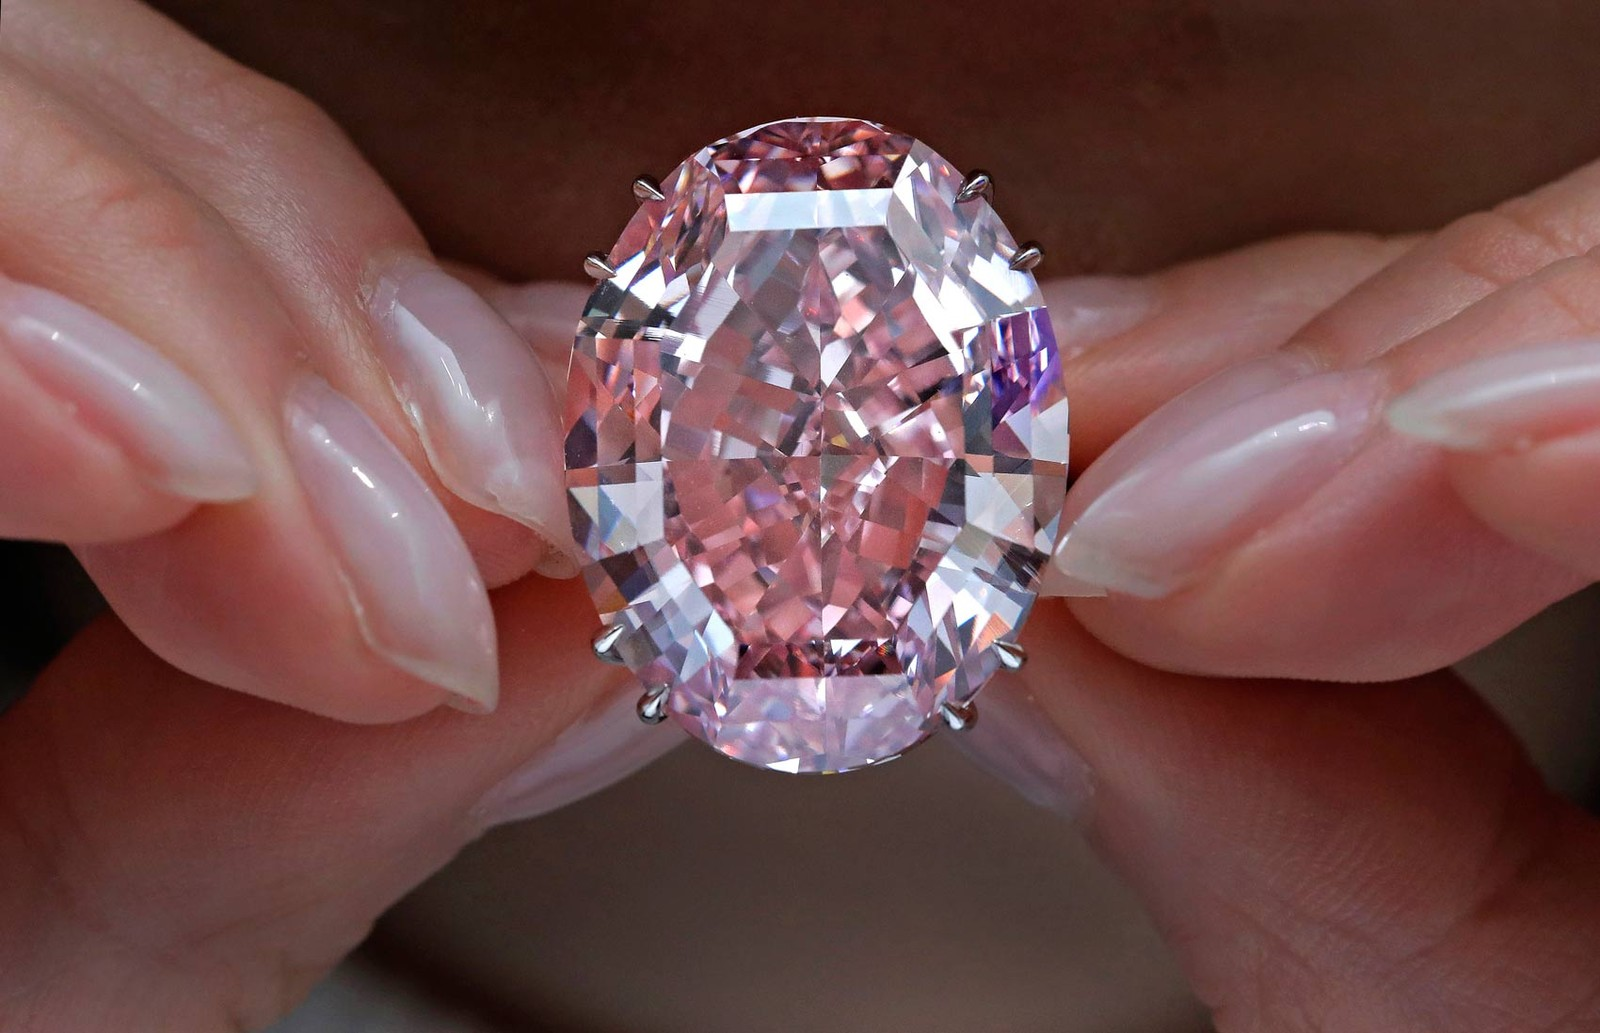 Diamante de 59,60 quilates foi a maior gema de sua categoria classificada pelo Instituto Gemológico da América (GIA) (Foto: Vincent Yu/AP)